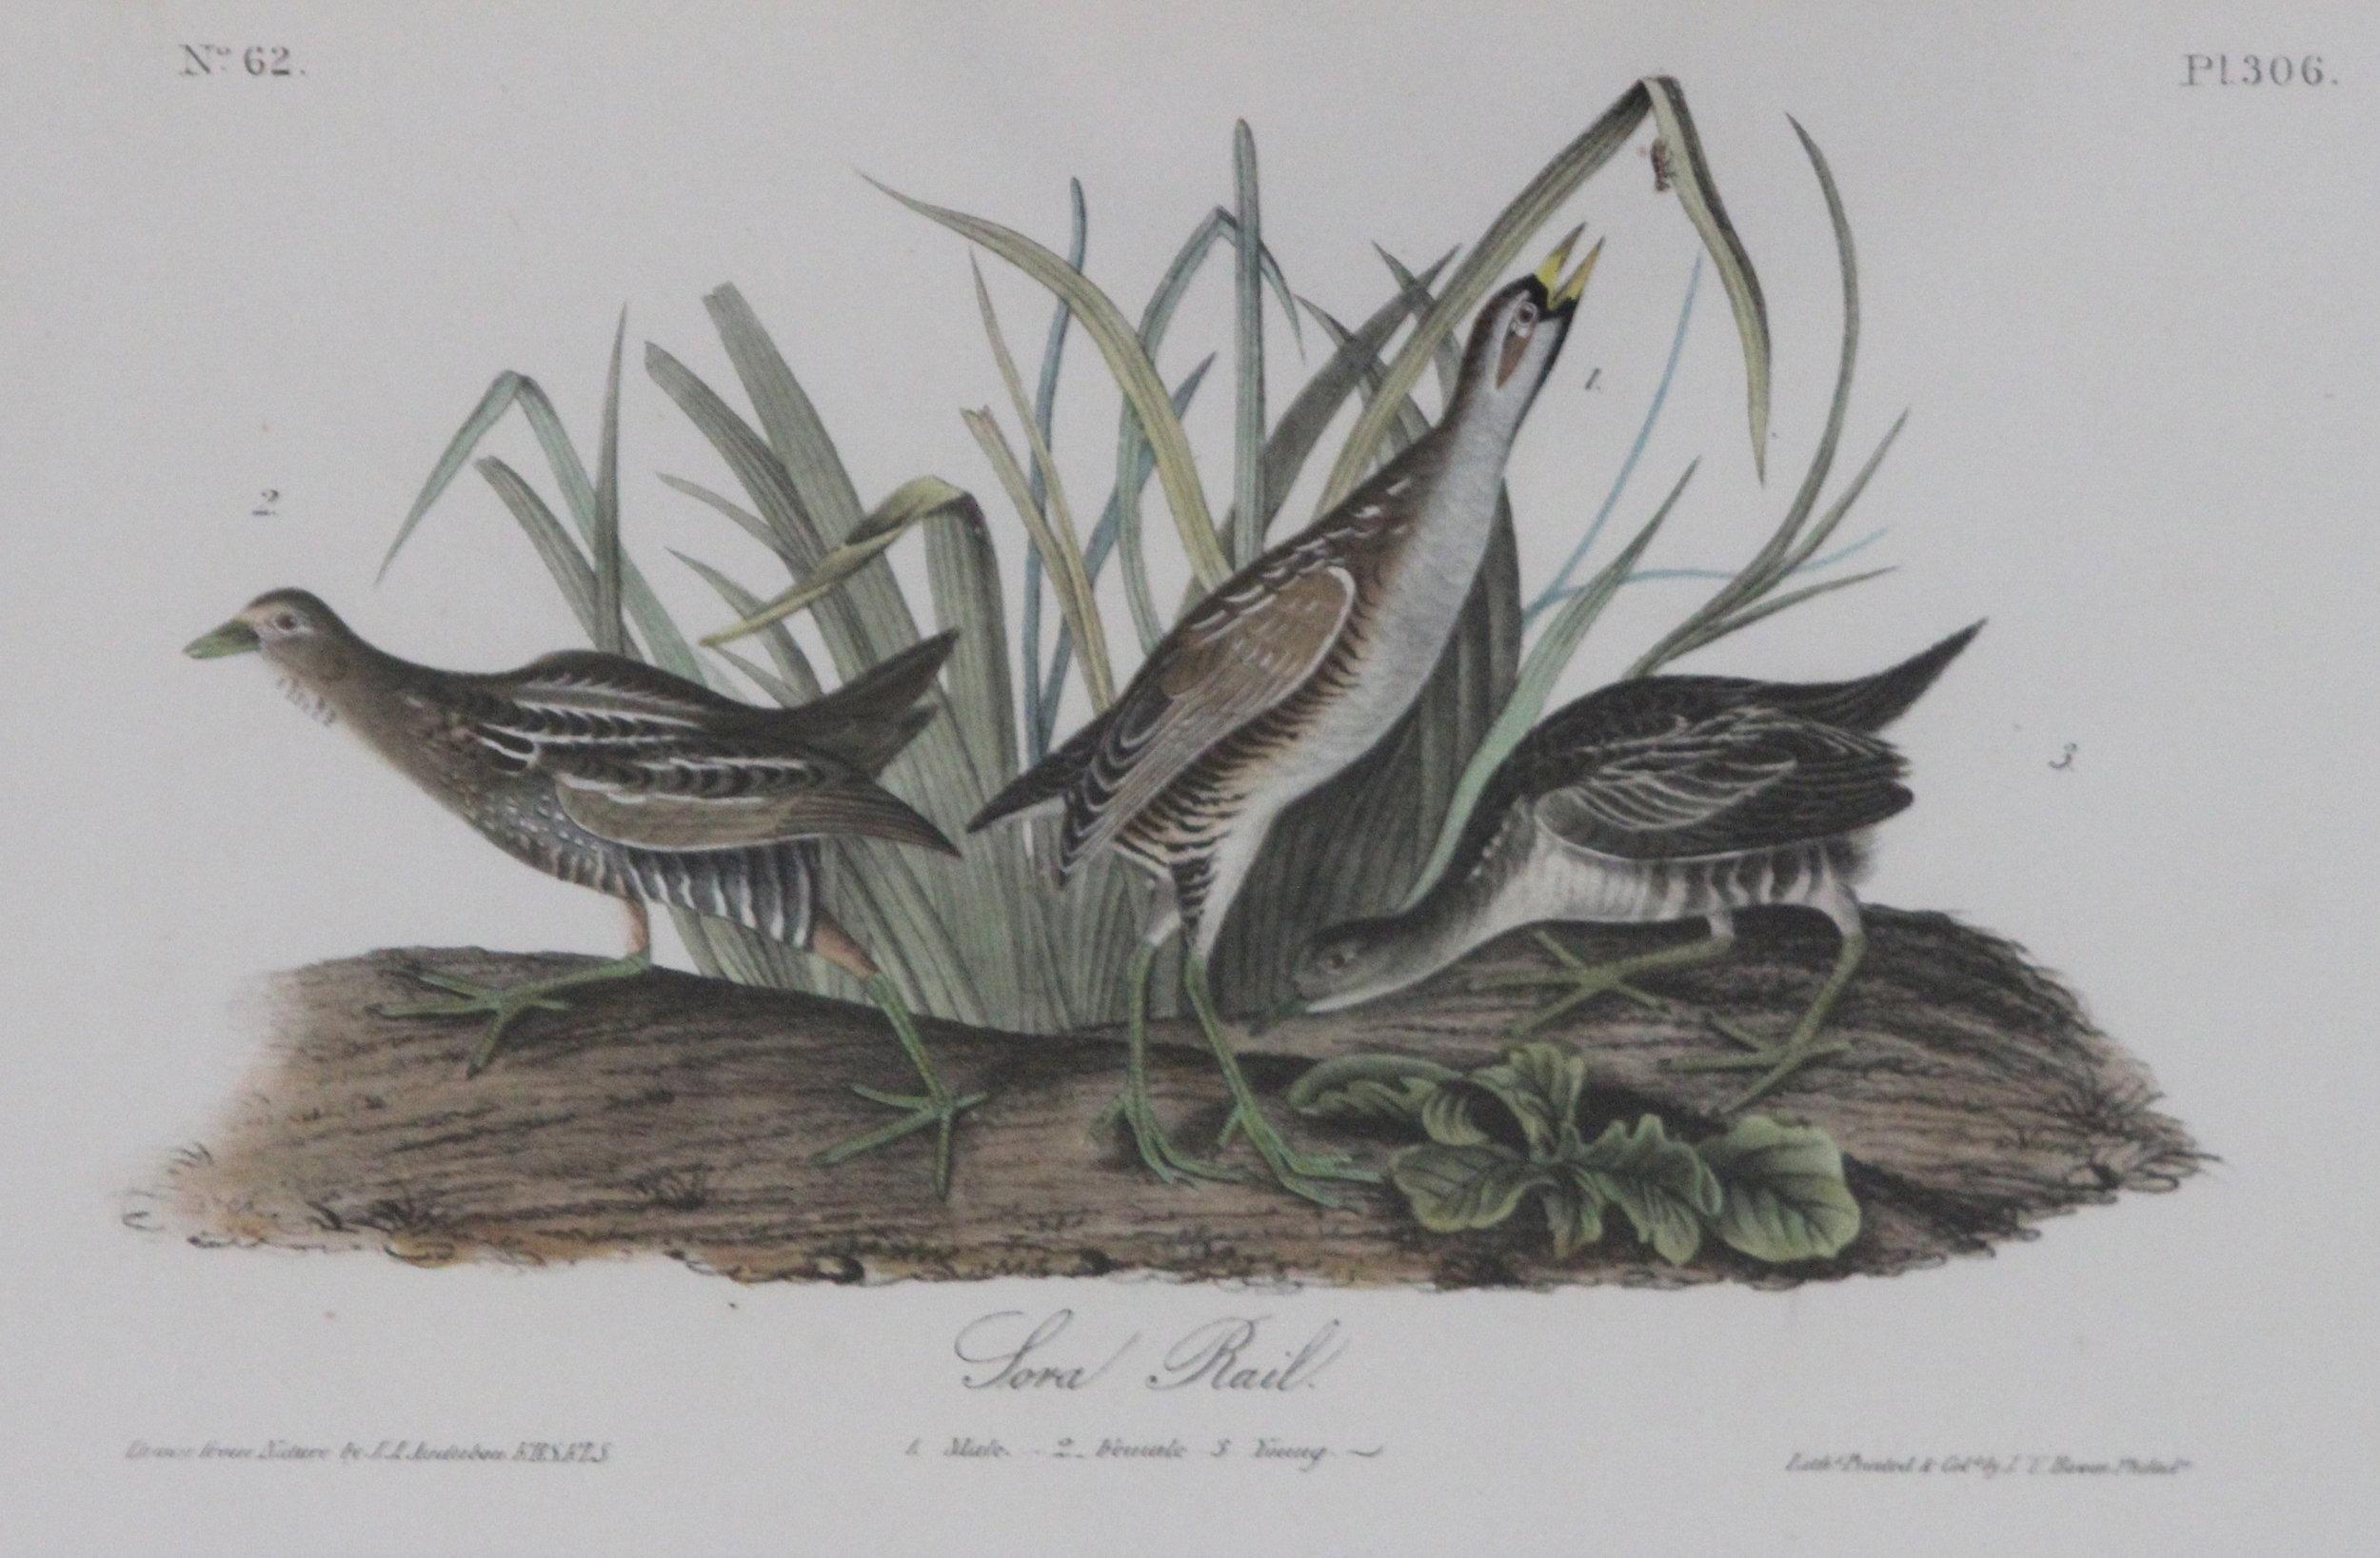 John James Audubon, Sora Rail, No. 62 Pl 306